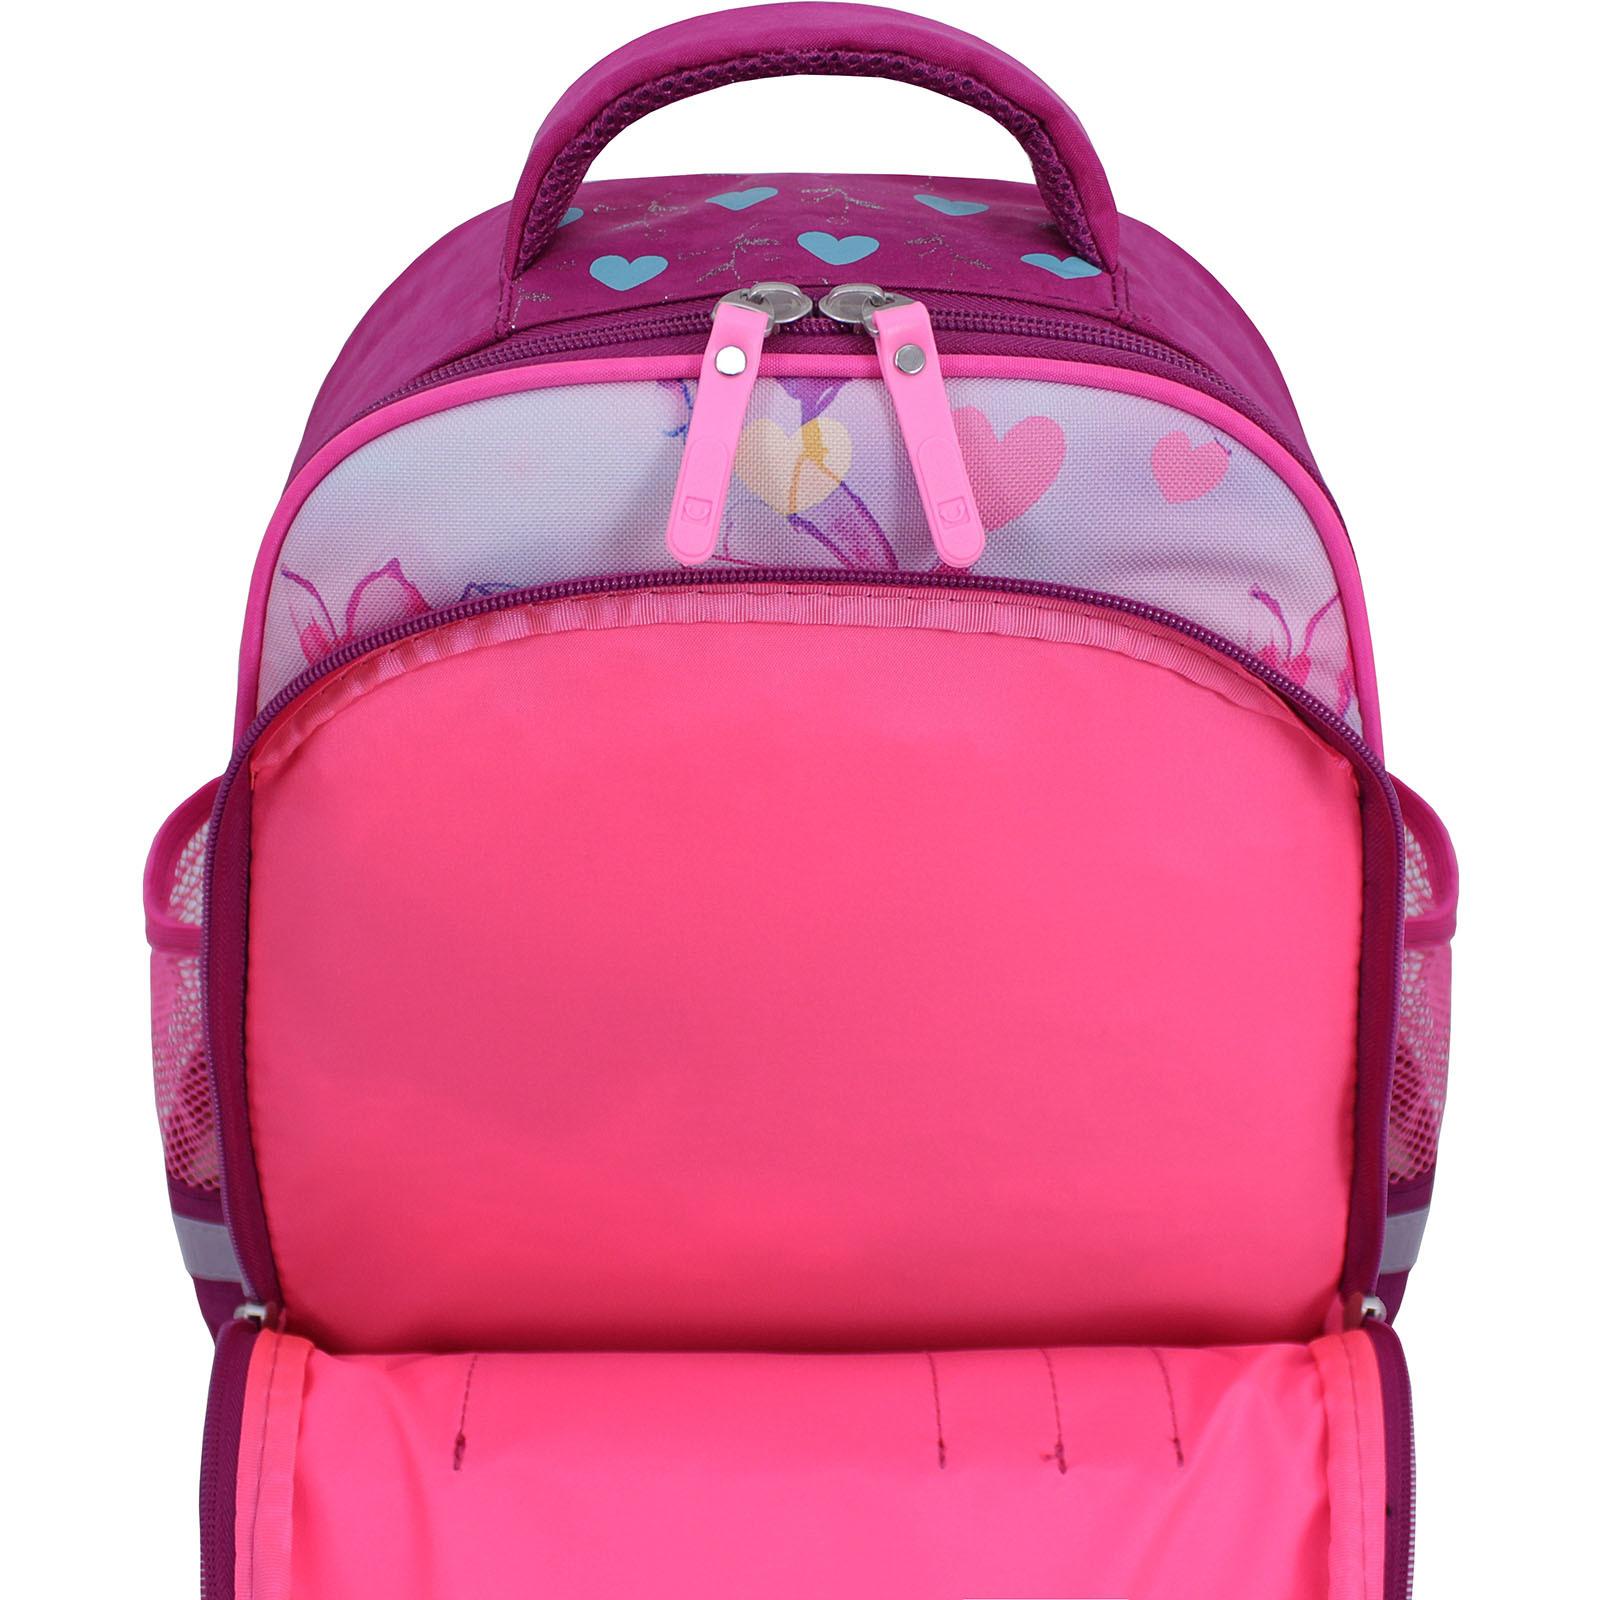 Рюкзак школьный Bagland Mouse 143 малиновый 515 (0051370) фото 4